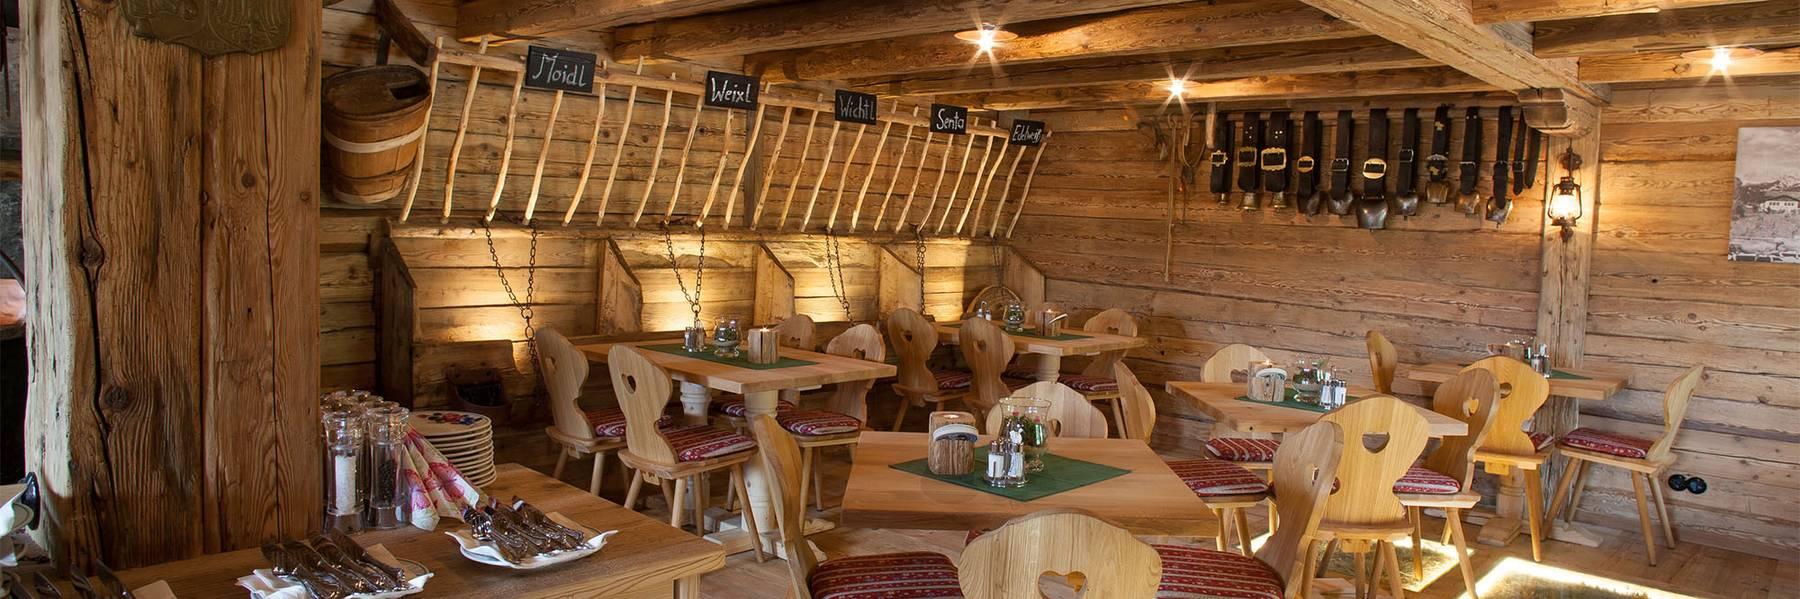 Ausstattung in der Gröbl-Alm in Mittenwald, Karwendel